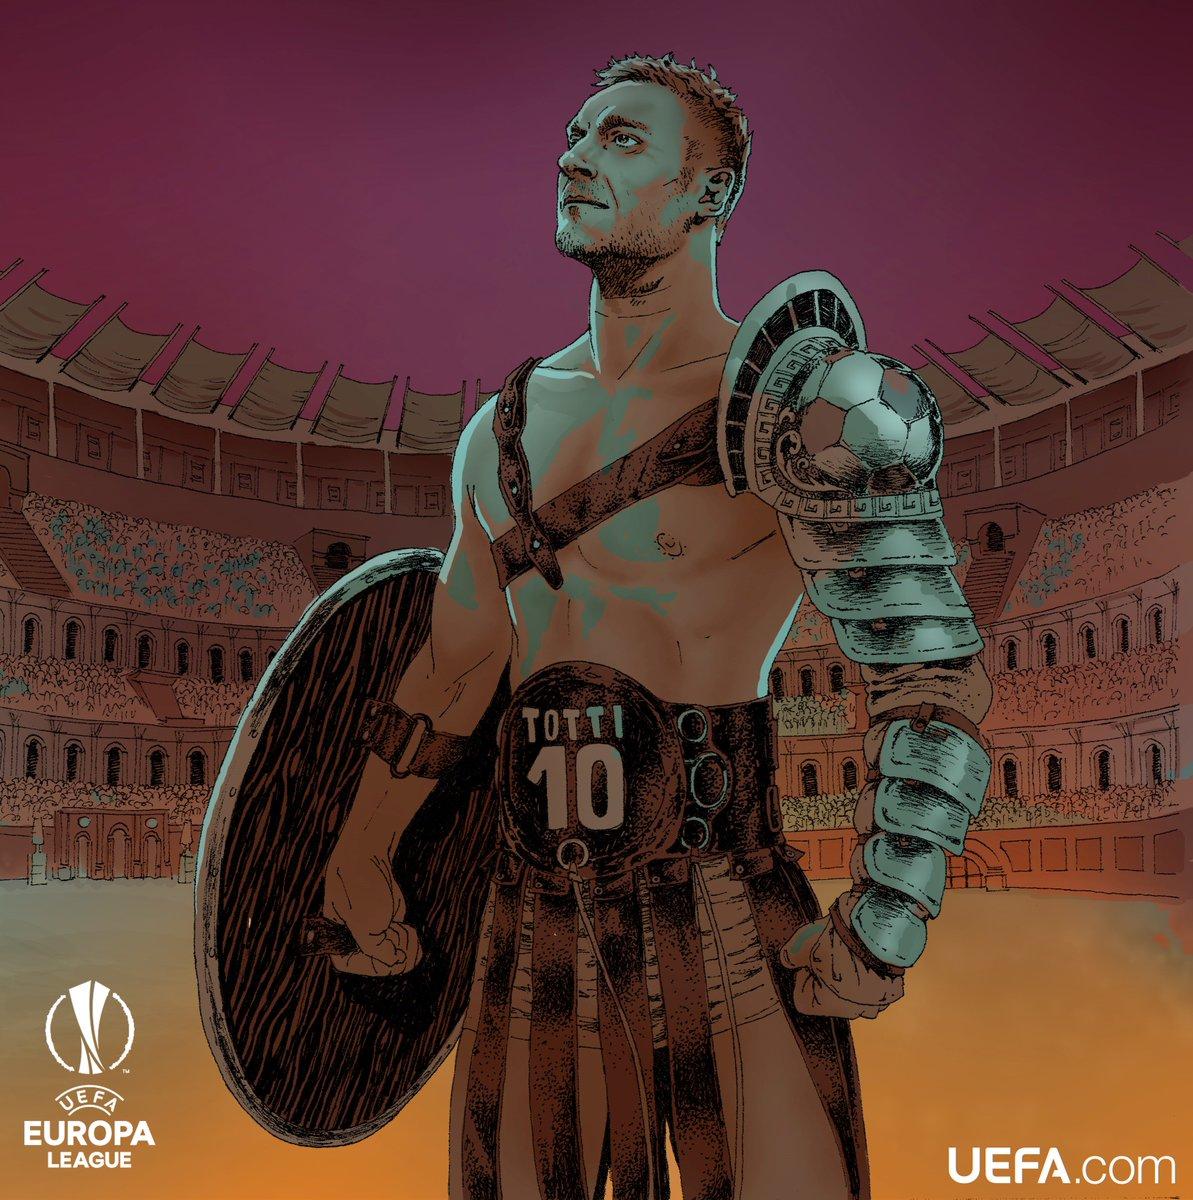 УЕФА поздровляет Тотти